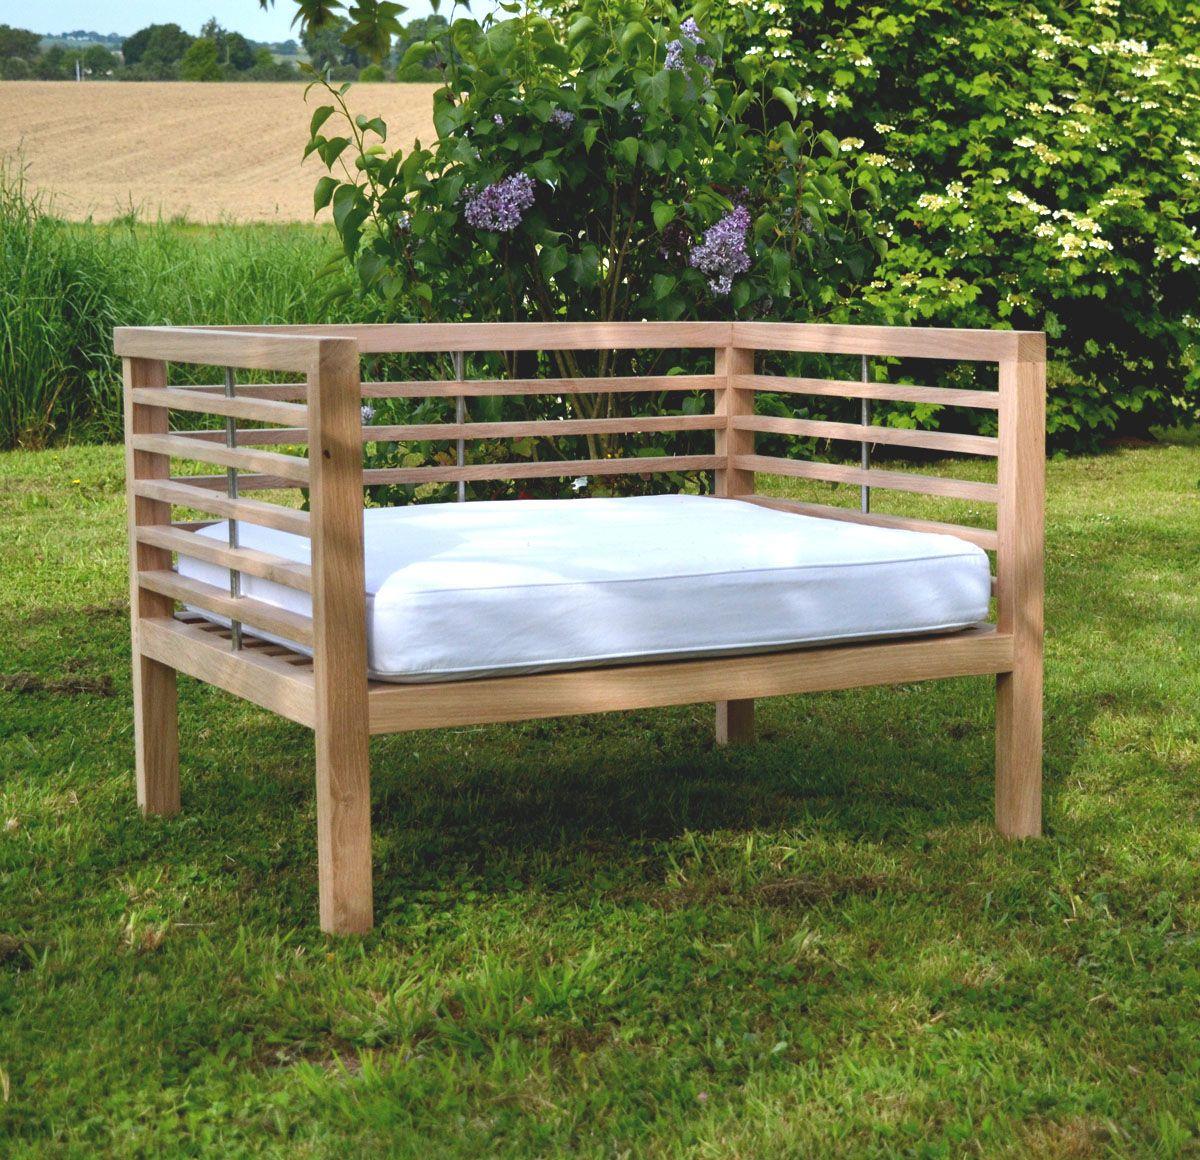 Remarkable Bespoke Garden Chair In 2019 Furniture House Garden Beatyapartments Chair Design Images Beatyapartmentscom